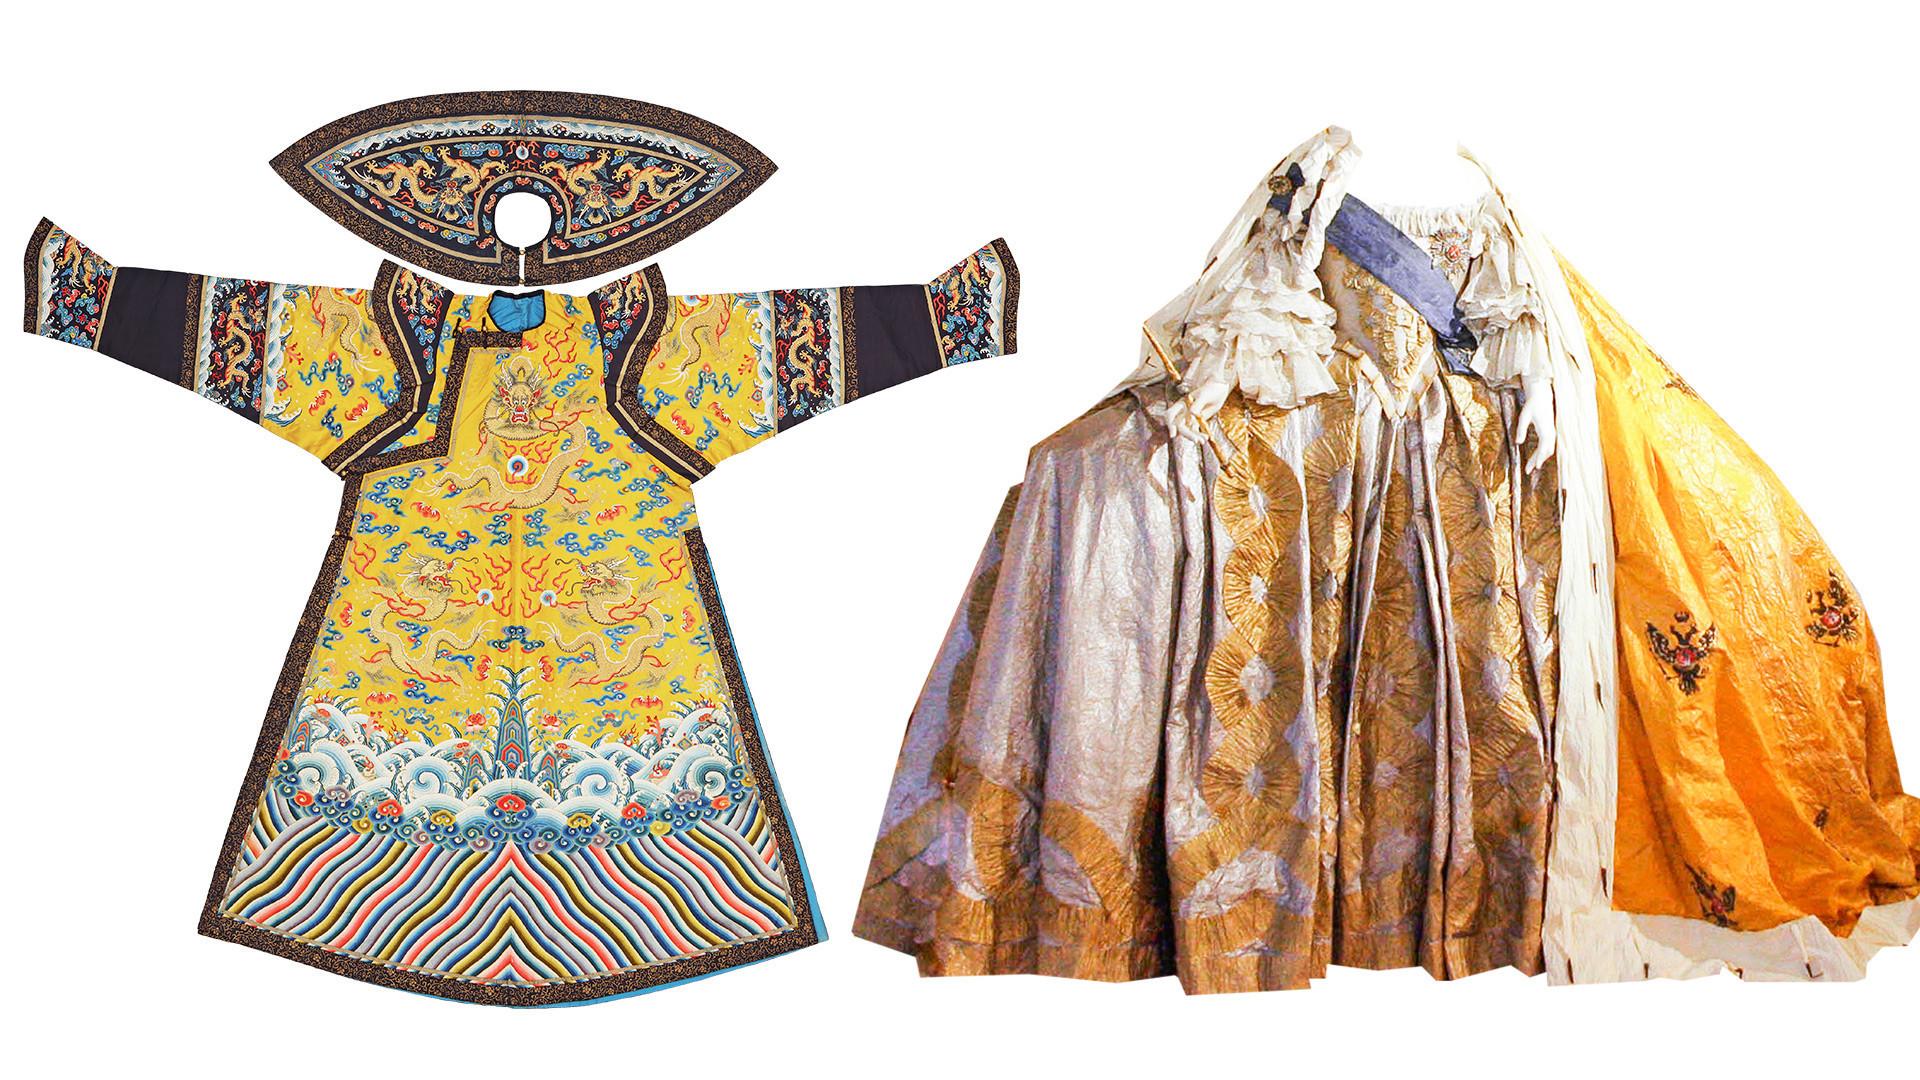 À esquerda, o grande manto da Imperatriz chinesa da era Quing. À direita, o vestido de coroação de uma das imperatrizes russas.